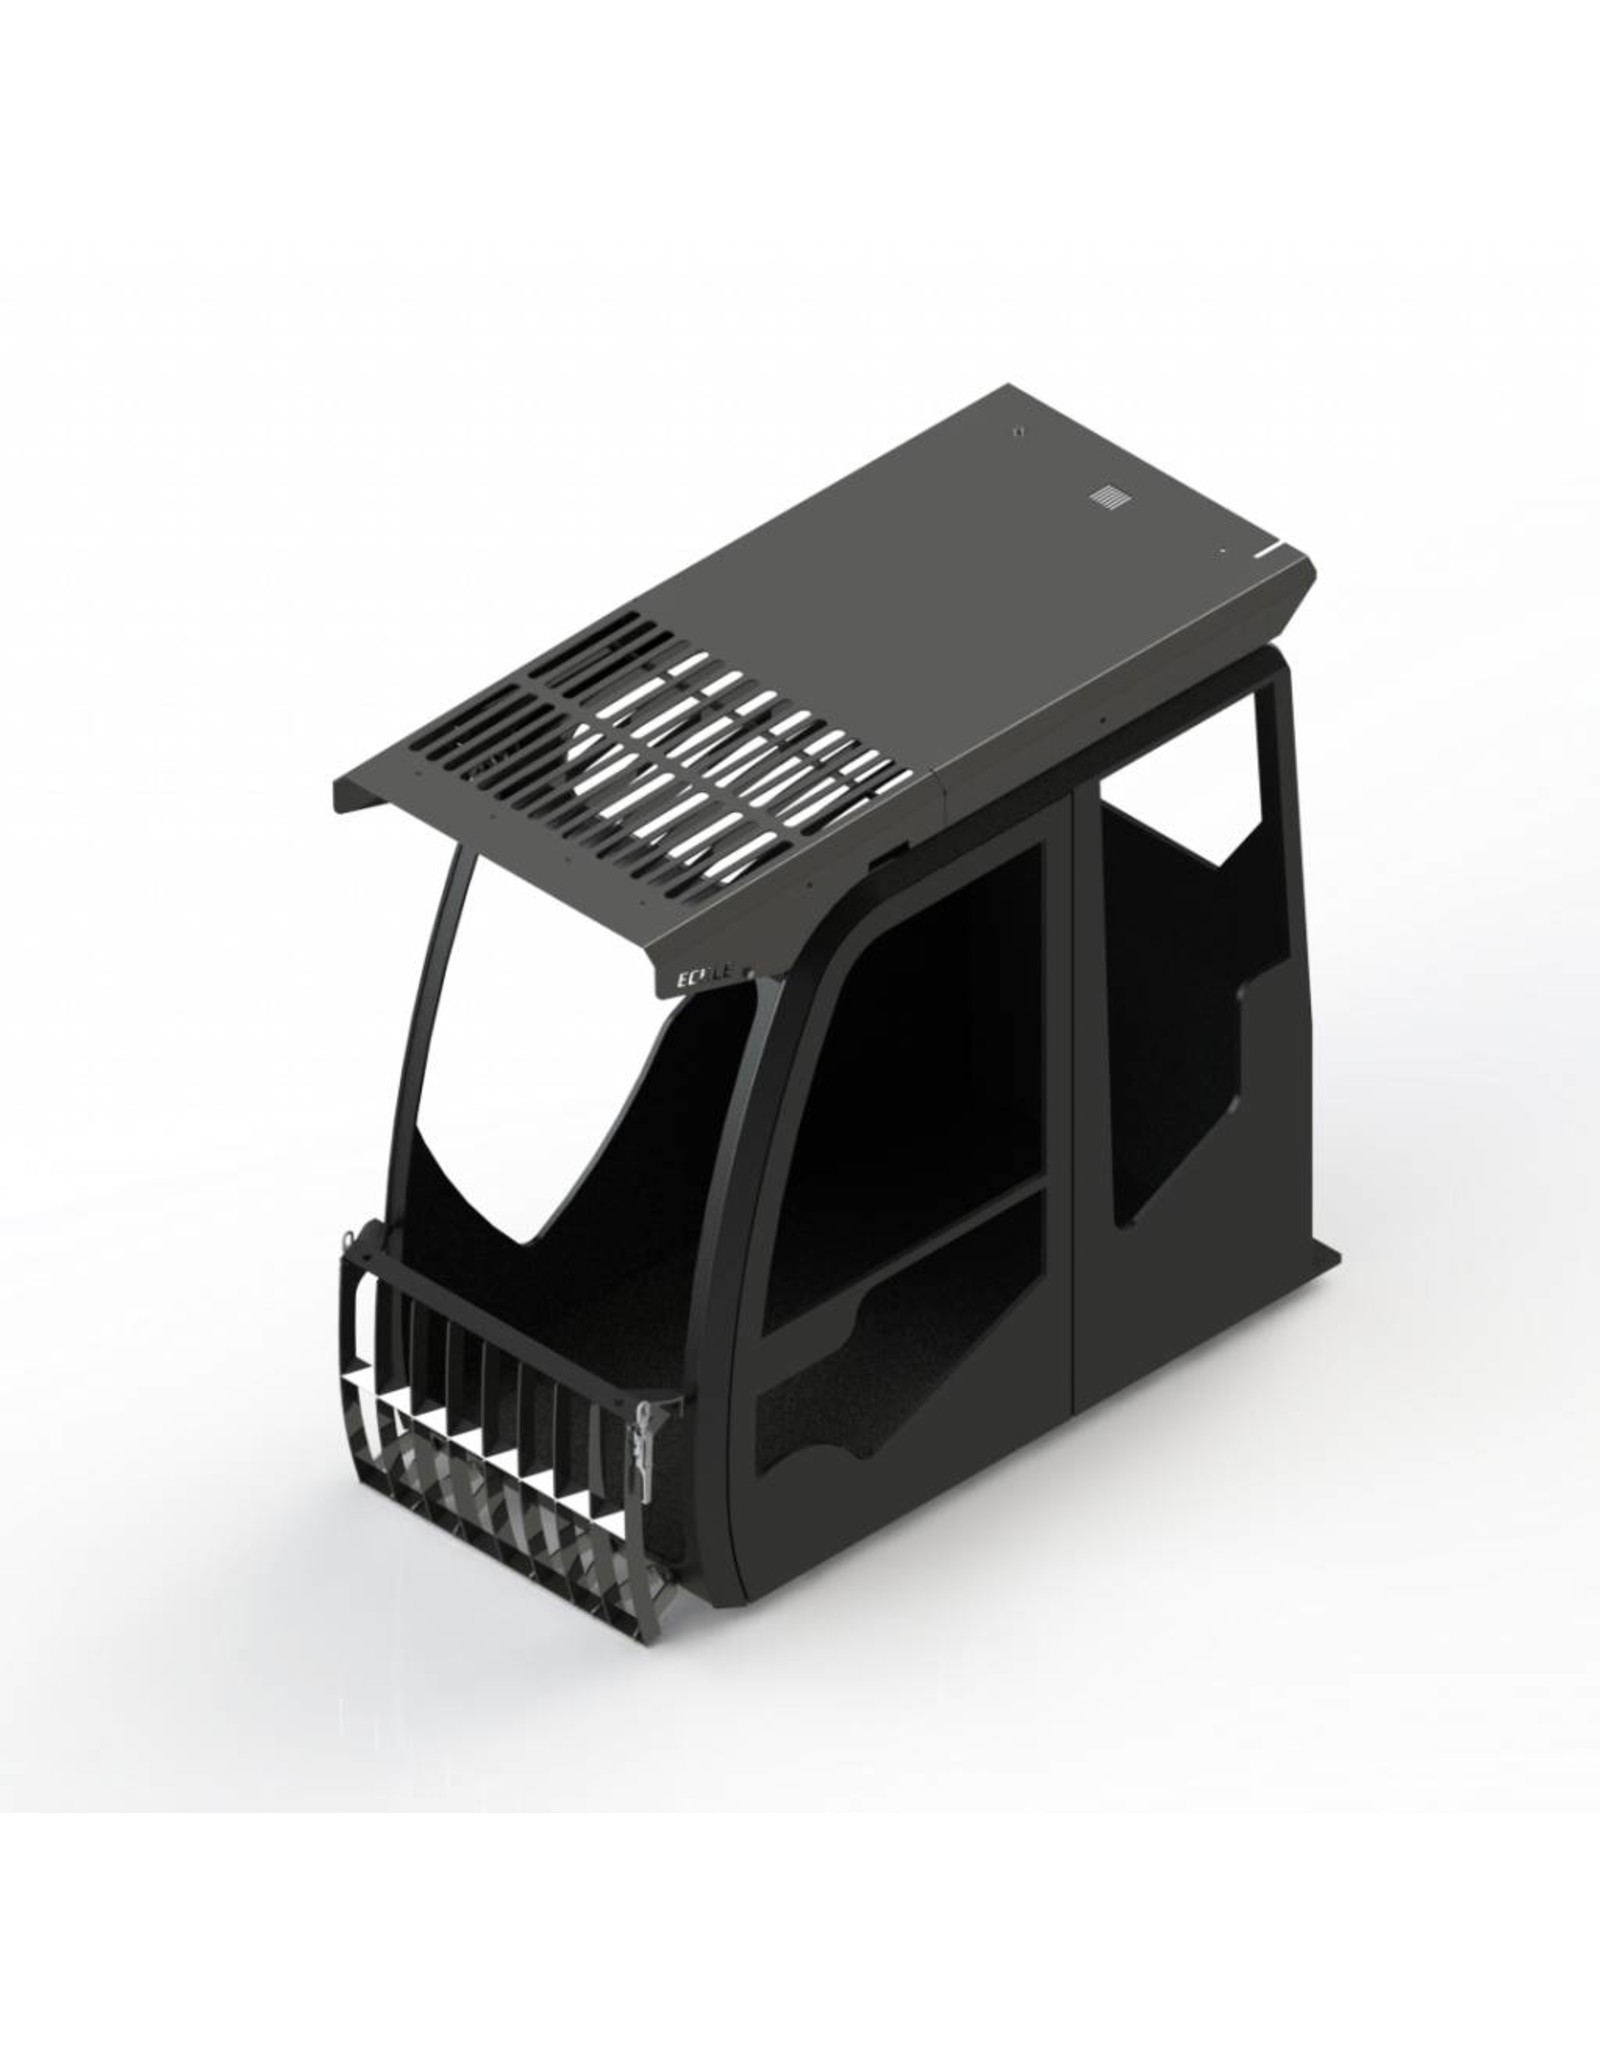 Echle Hartstahl GmbH FOPS für Hyundai HX300L